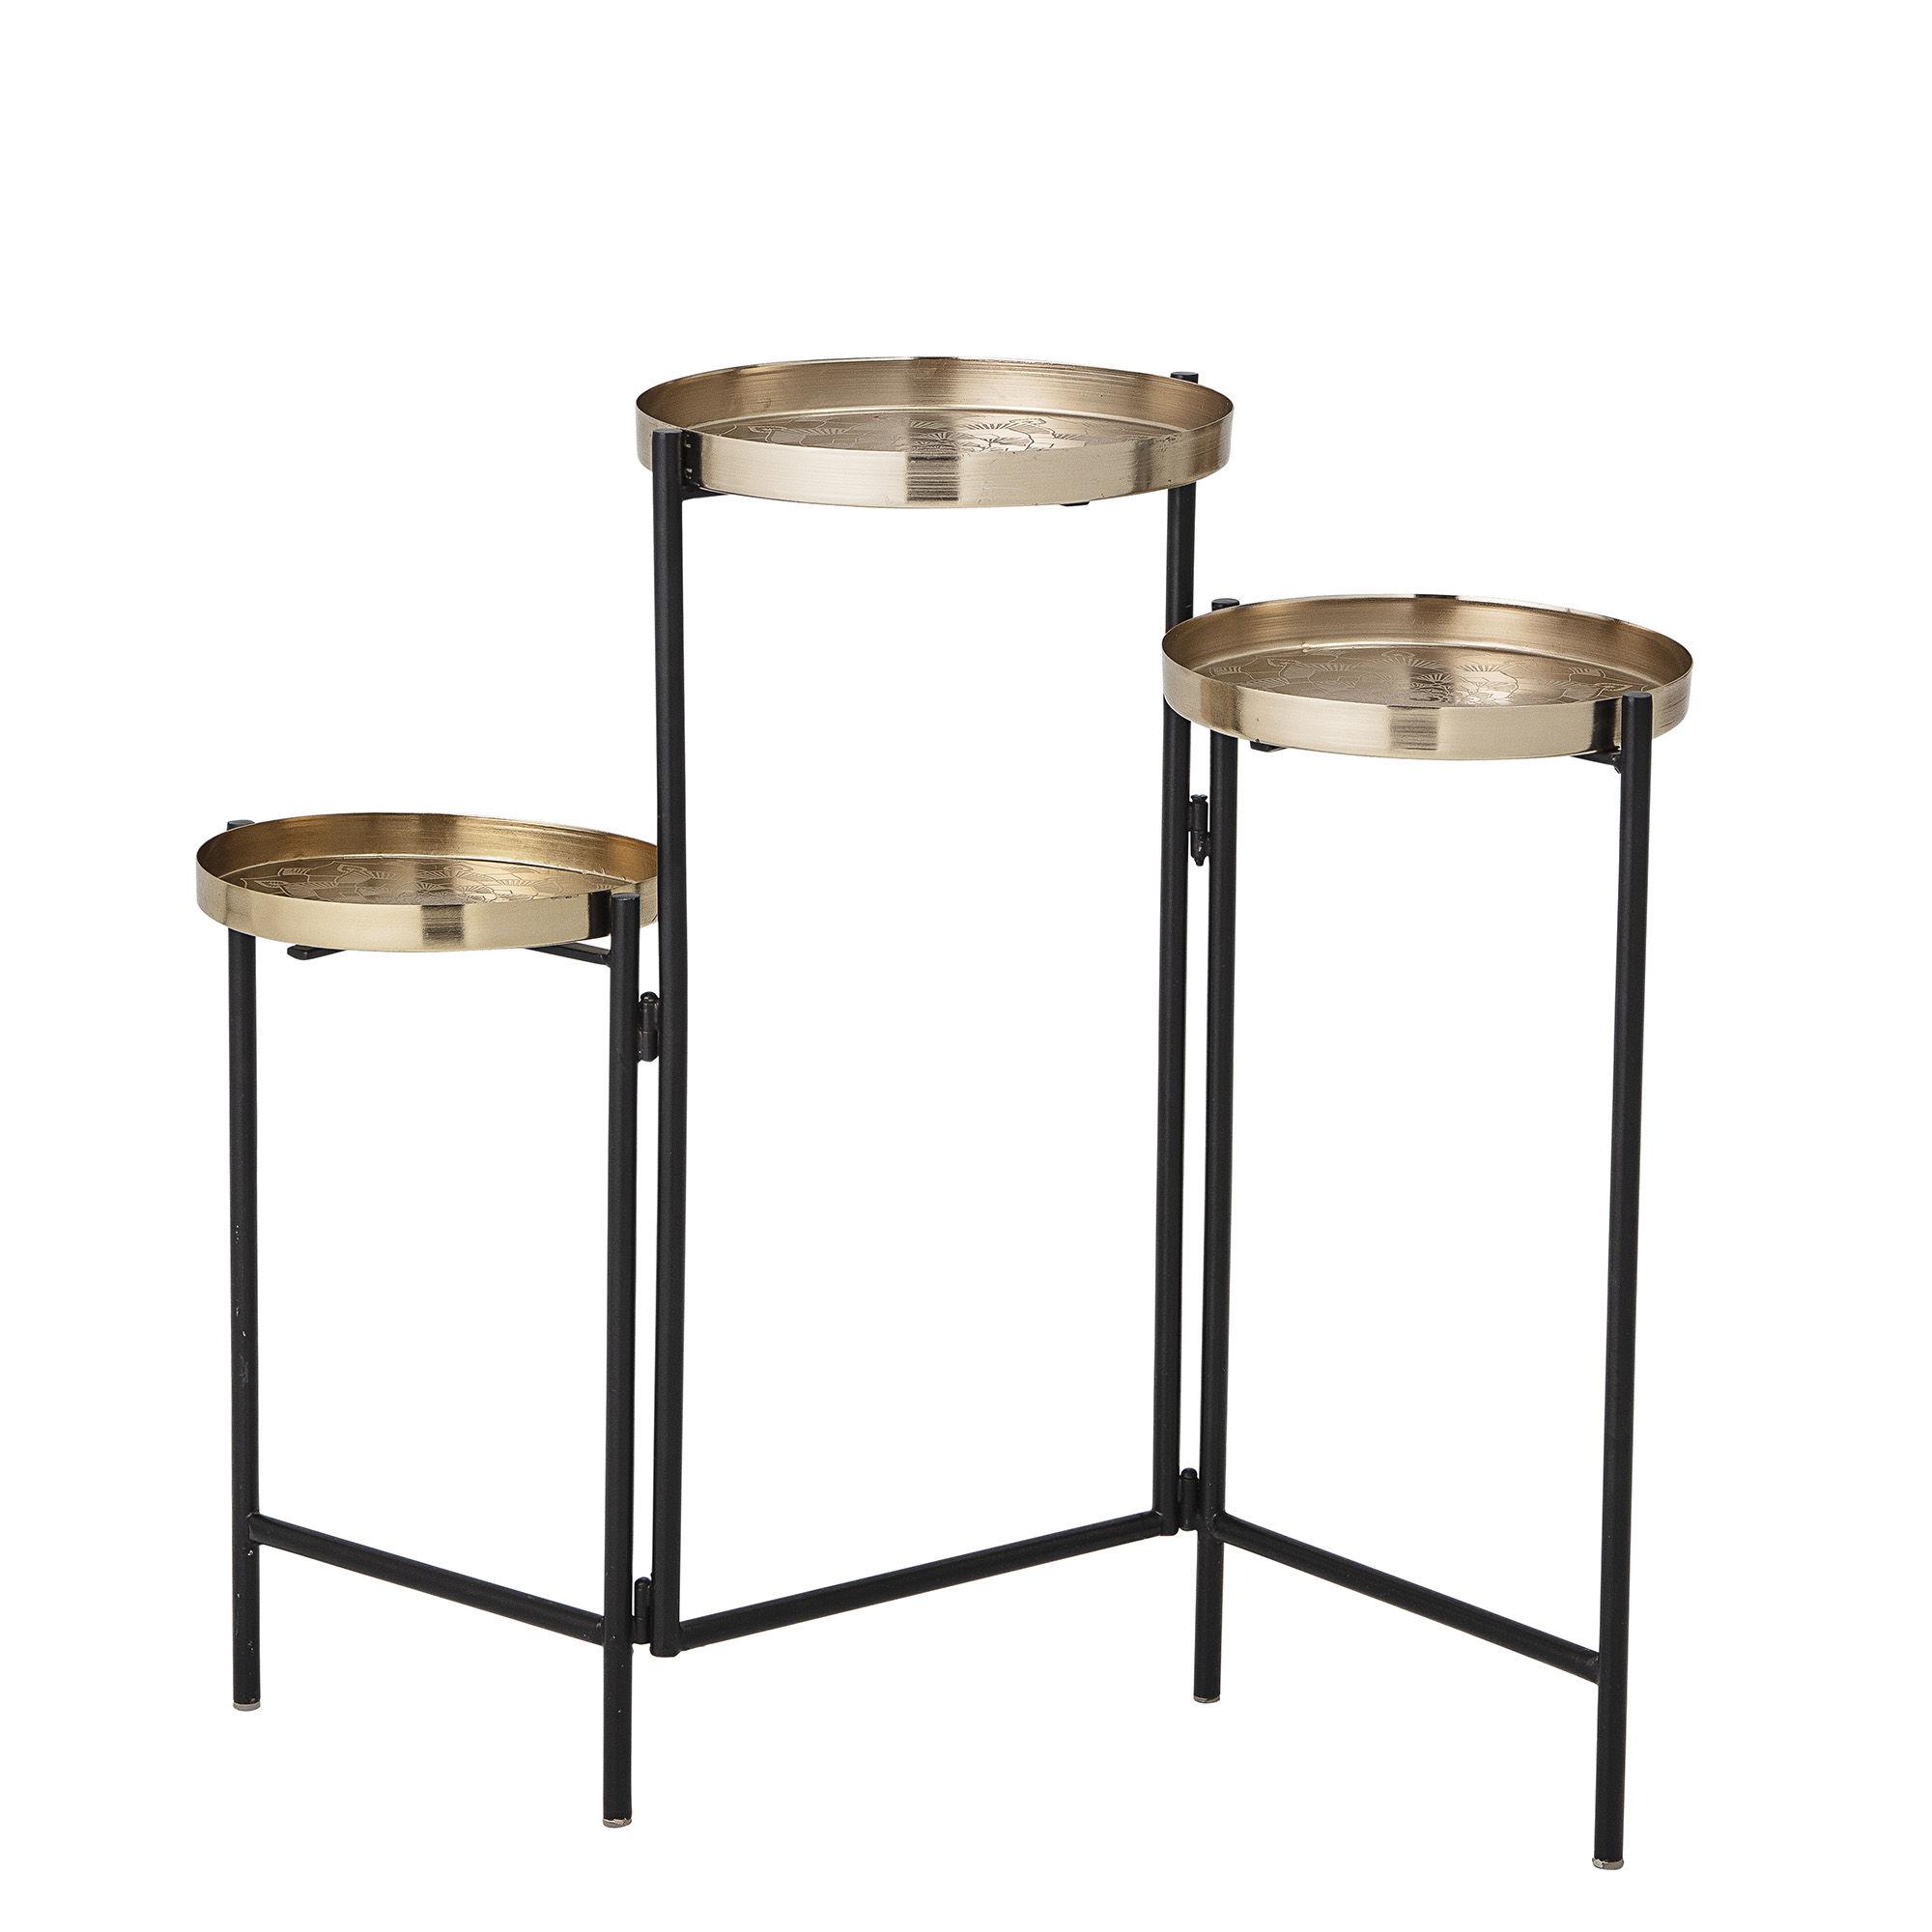 Möbel - Couchtische - Amie Beistelltisch / 3 plateaux articulés - Bloomingville - Or & noir - Eisen